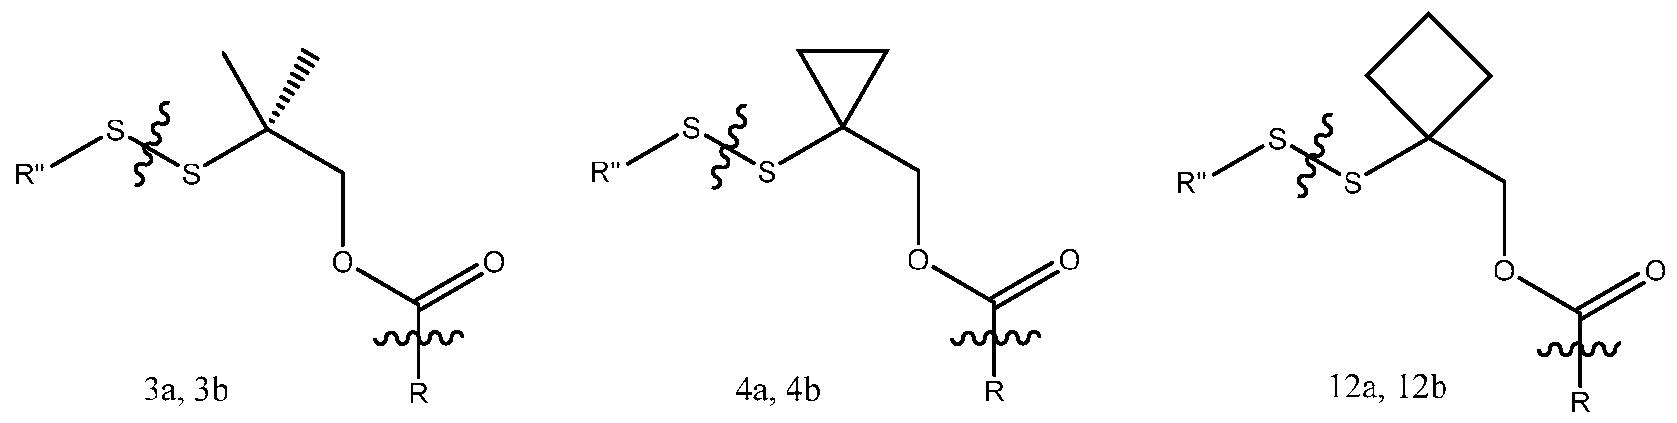 Figure imgf000162_0003